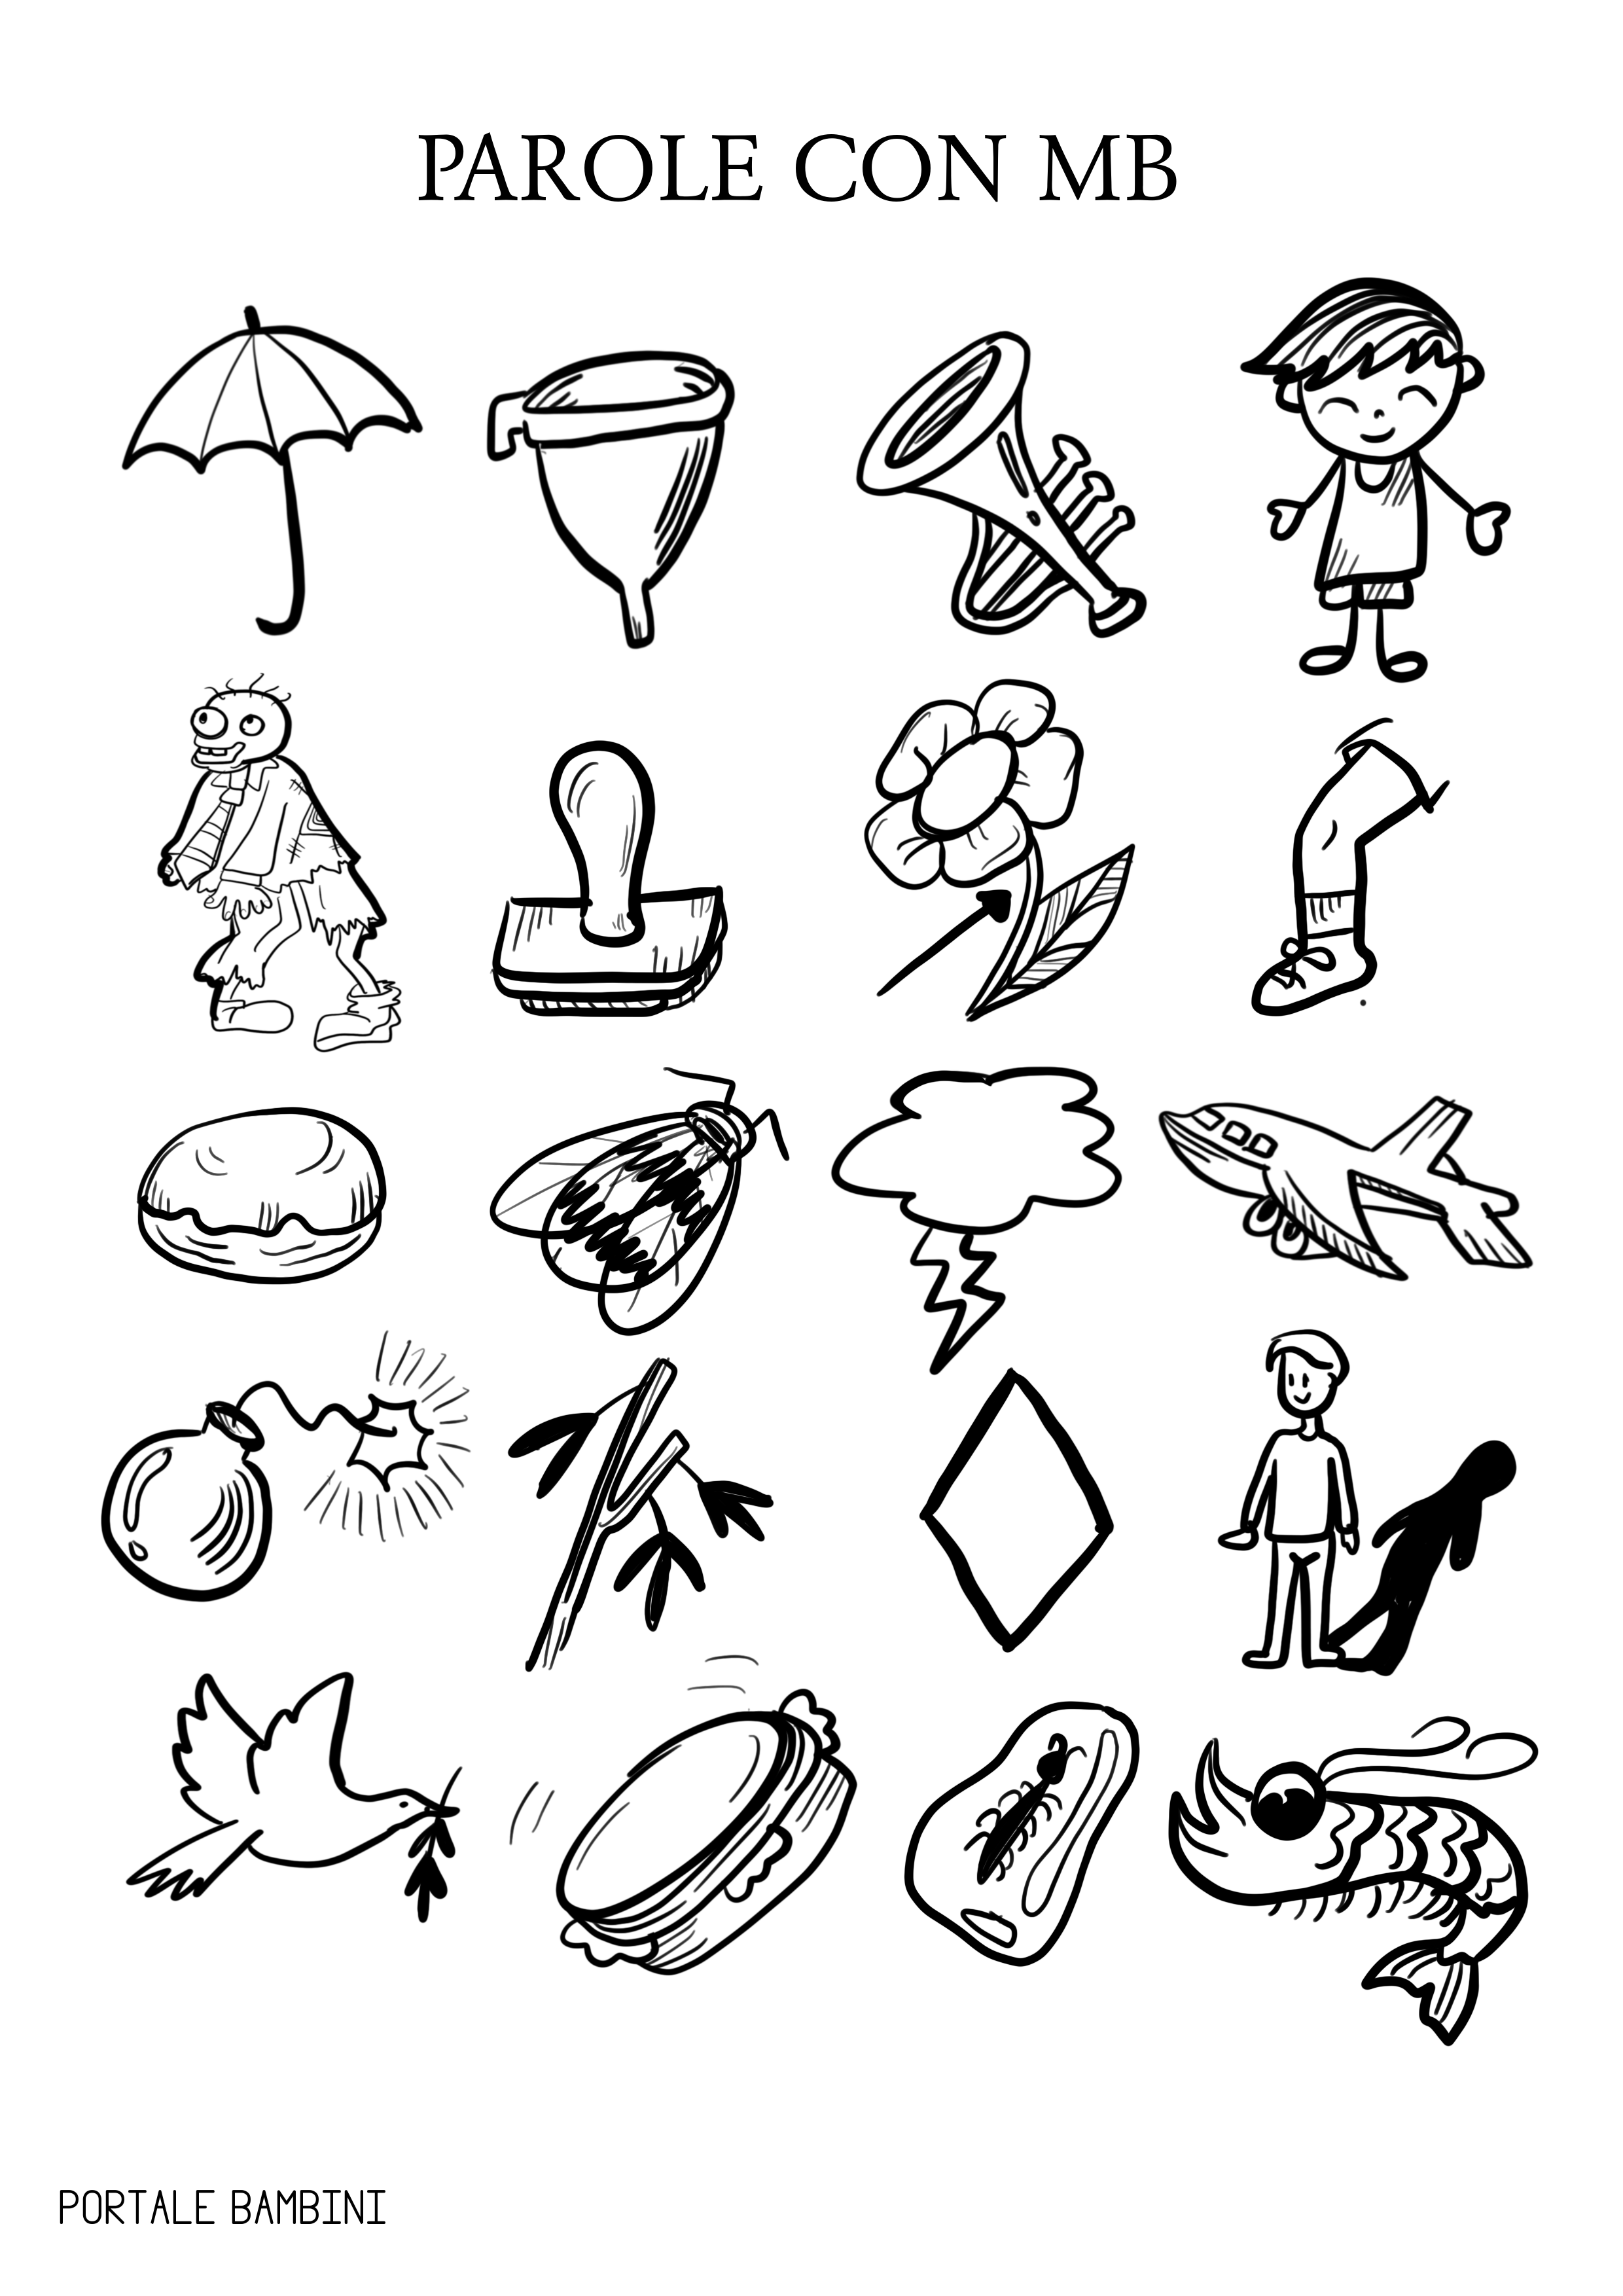 Parole con mb scopri l 39 elenco e stampa le schede for Parole con mp per bambini